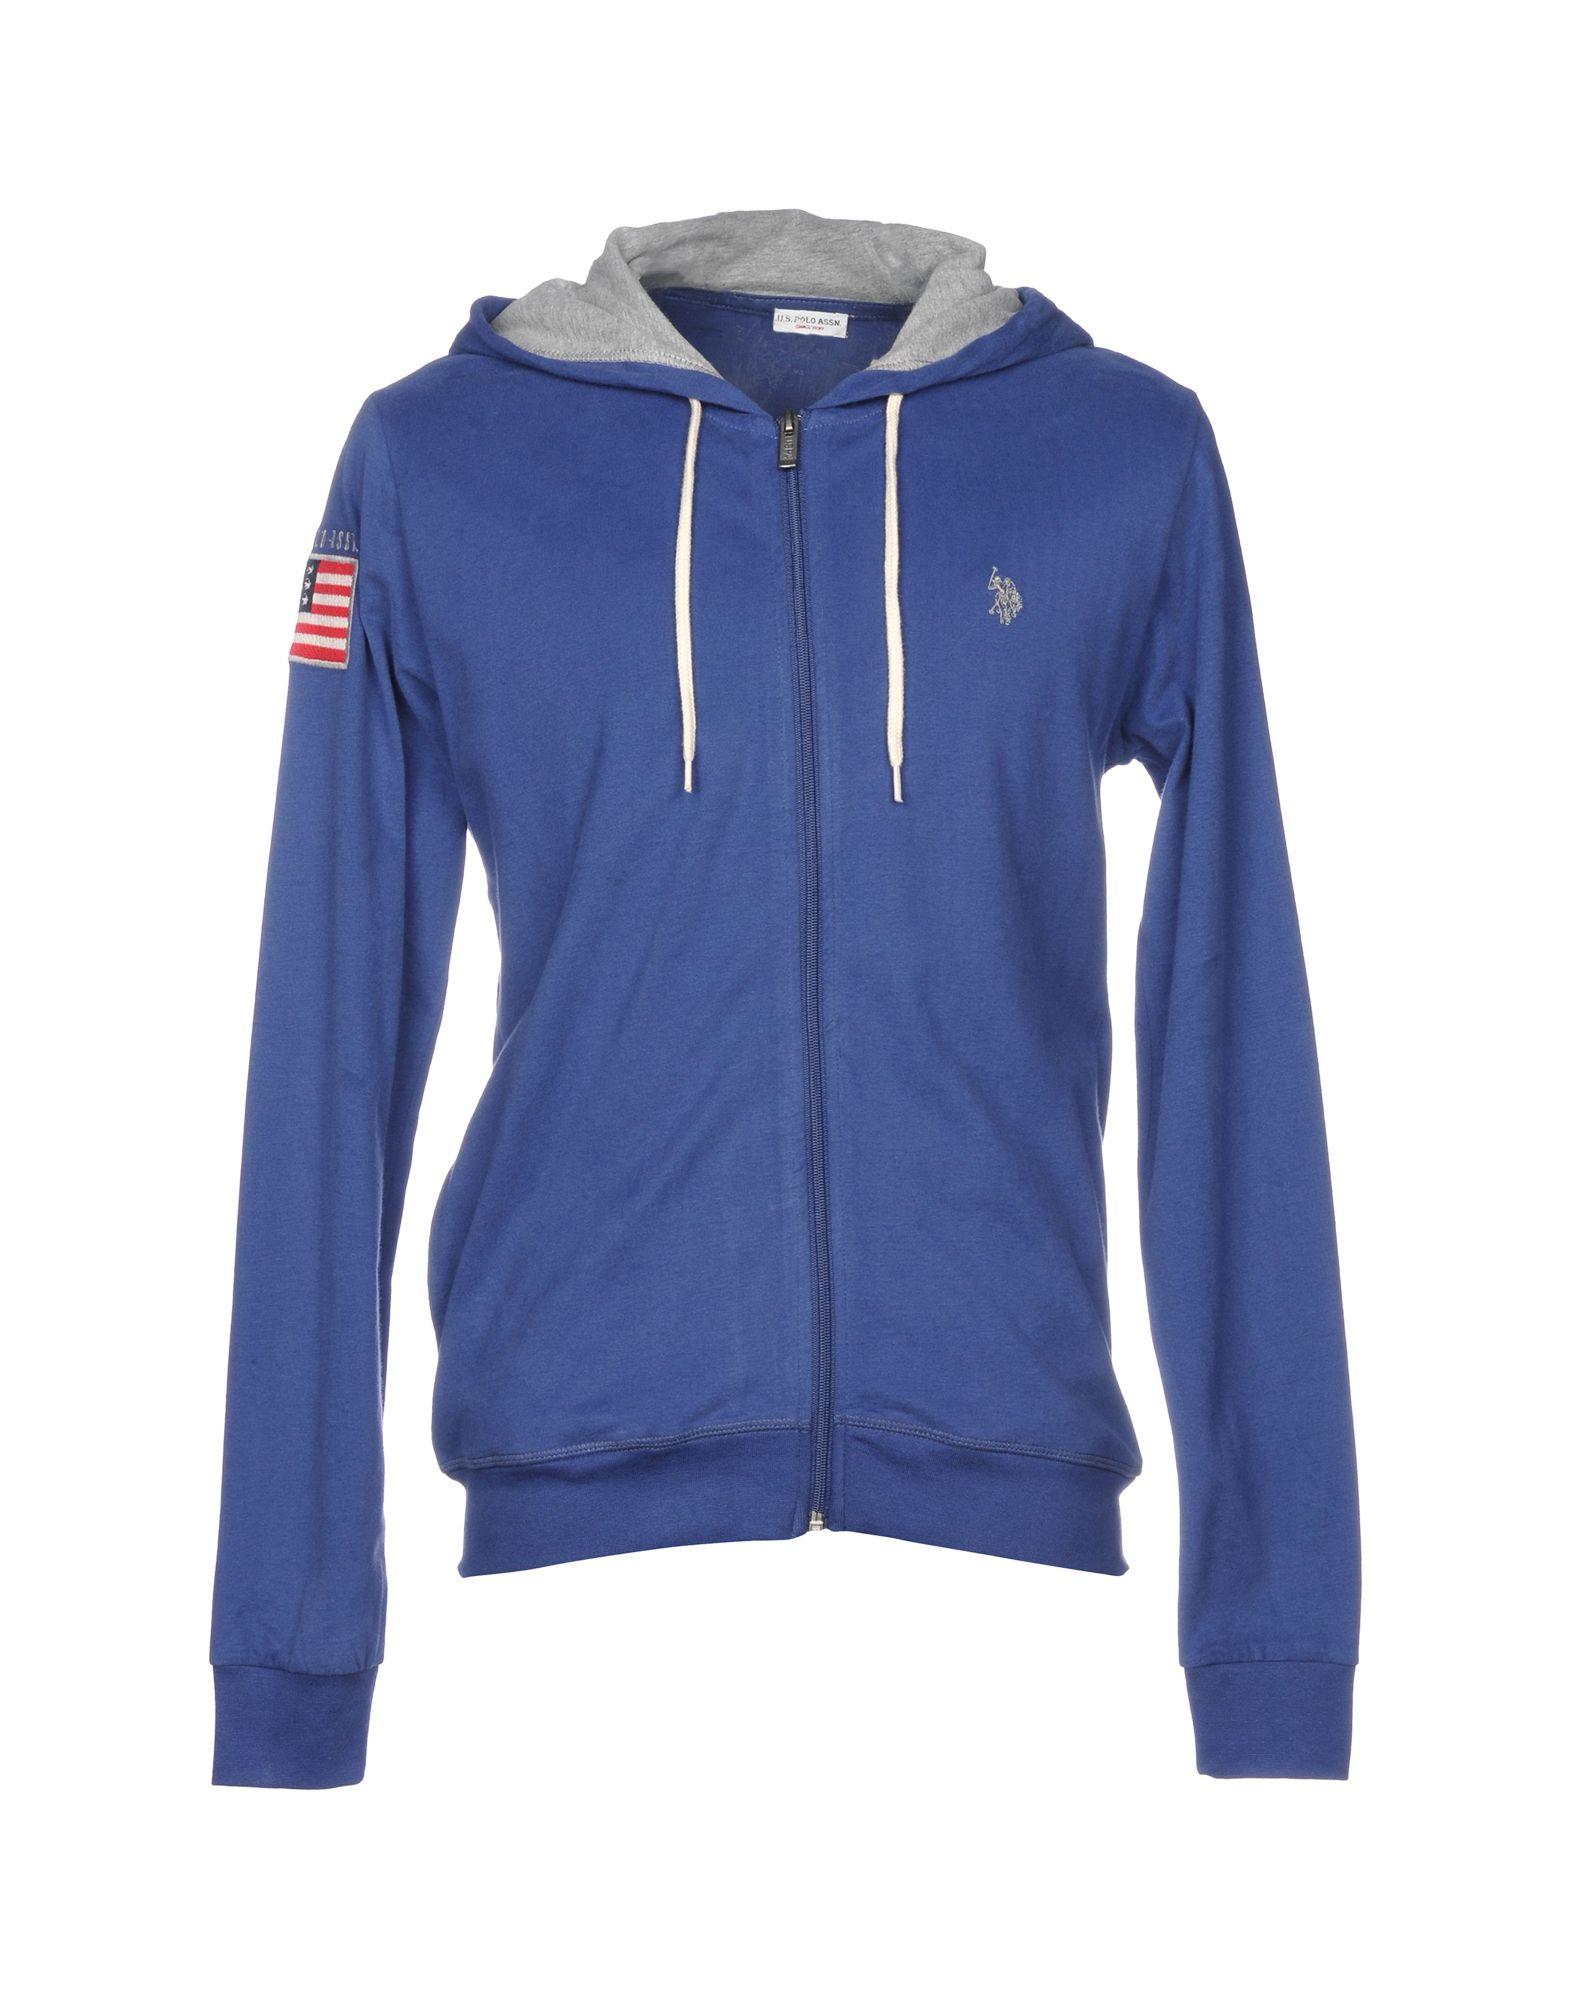 《送料無料》U.S.POLO ASSN. メンズ スウェットシャツ パステルブルー XXL コットン 100%